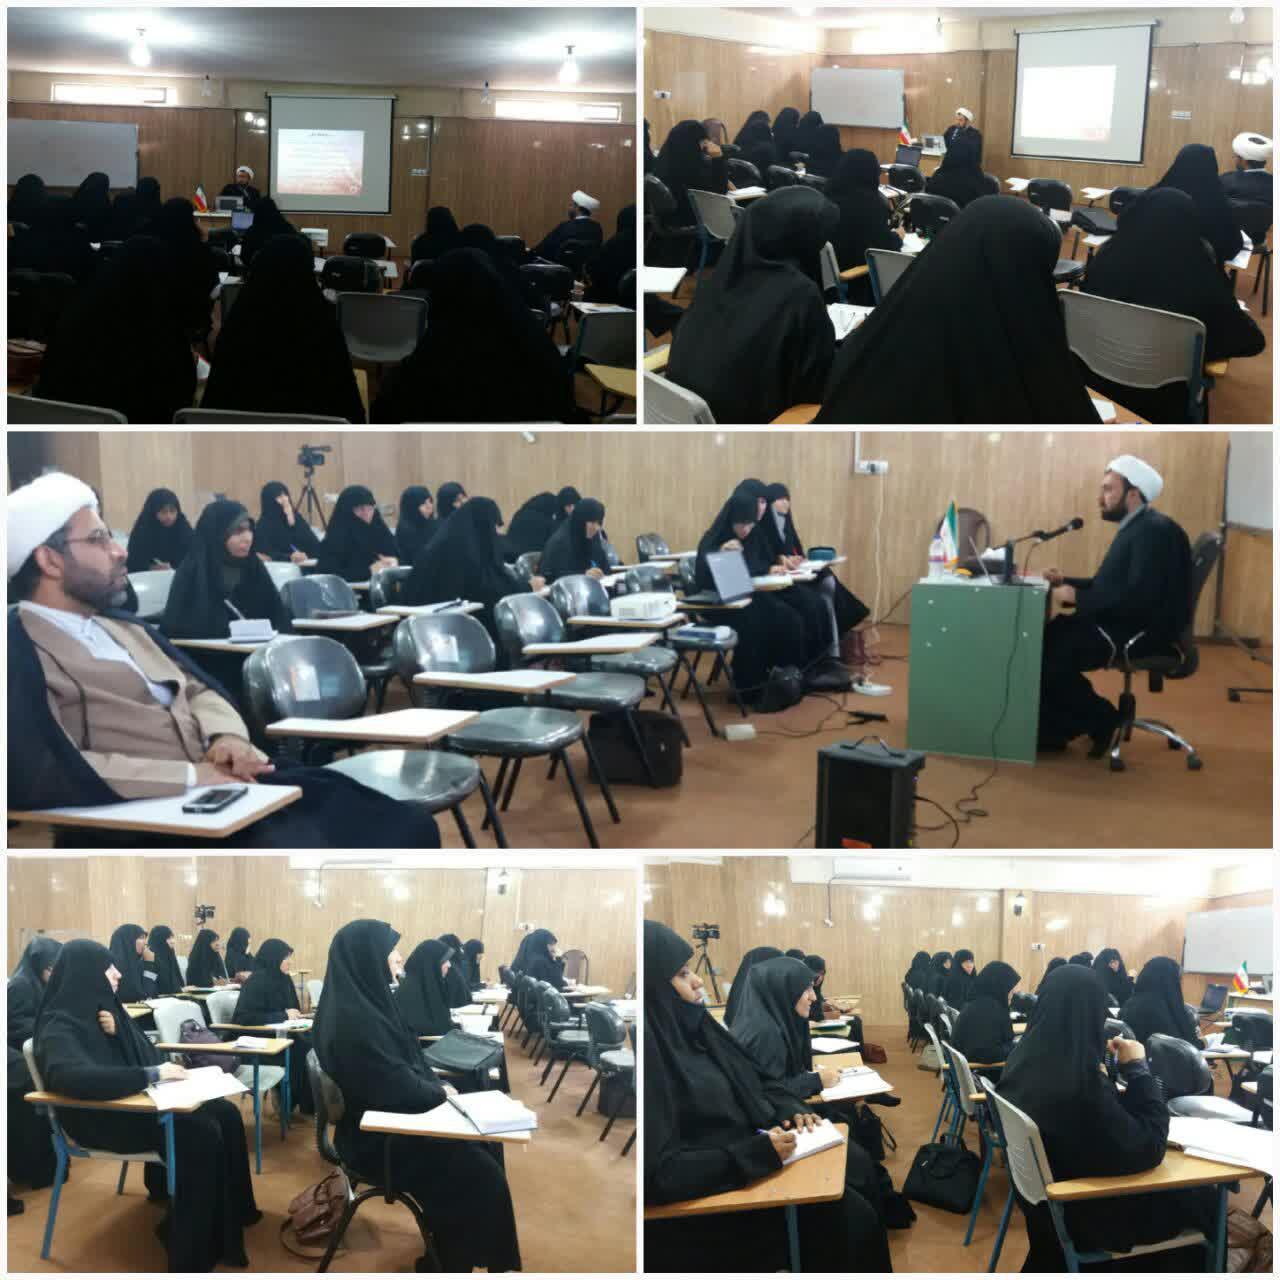 کارگاه آموزشی اصول مقاله نویسی علمي پژوهشي در بندرعباس برگزار شد